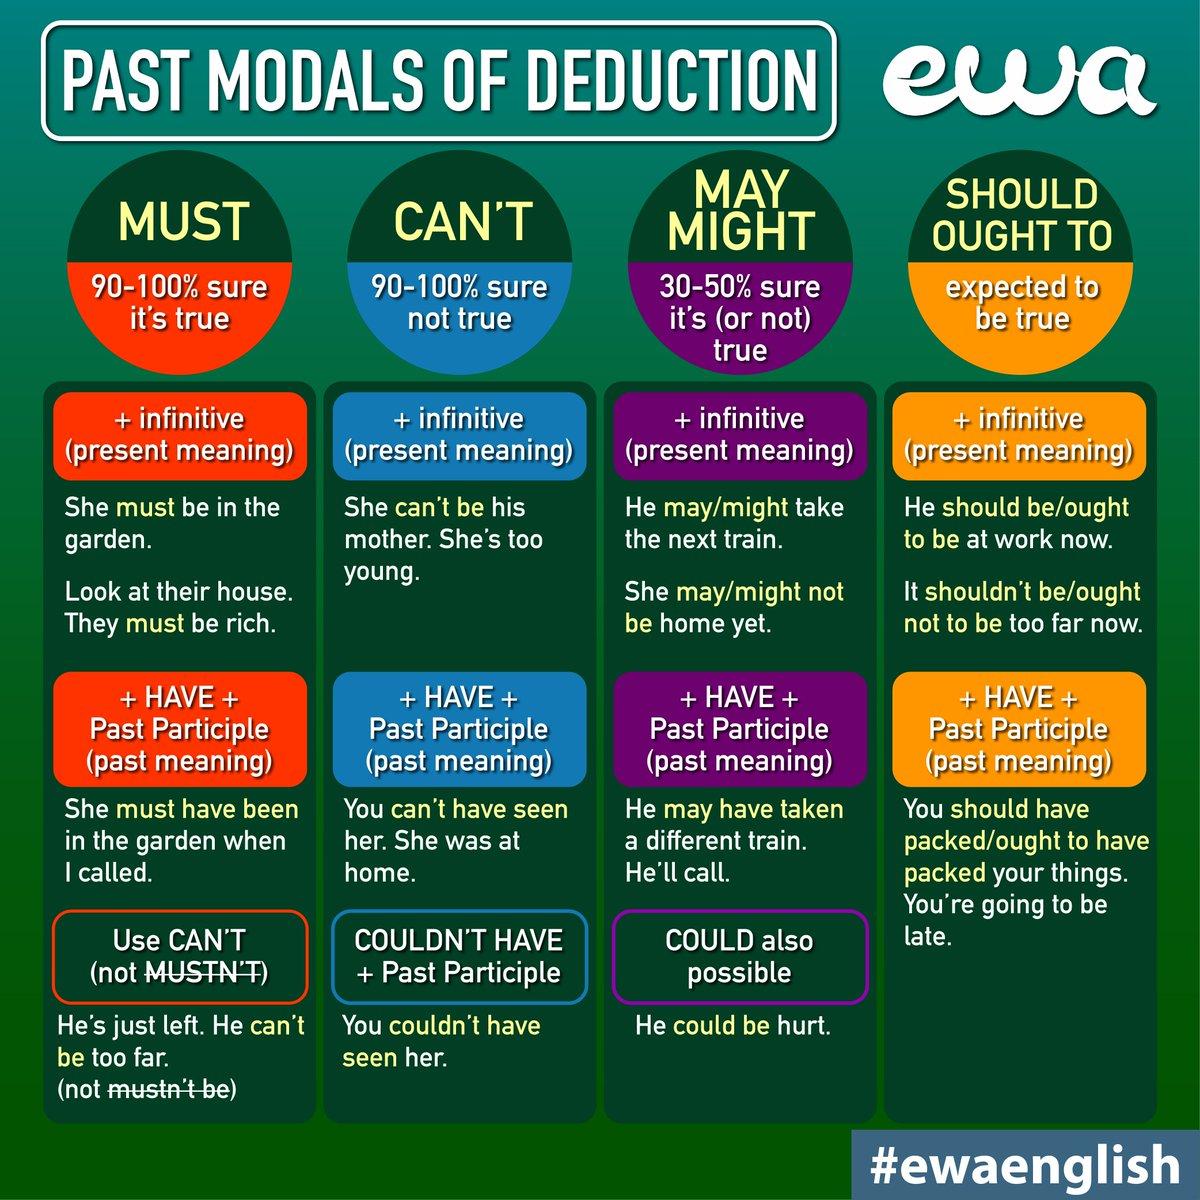 EWA - Learn English on Twitter: